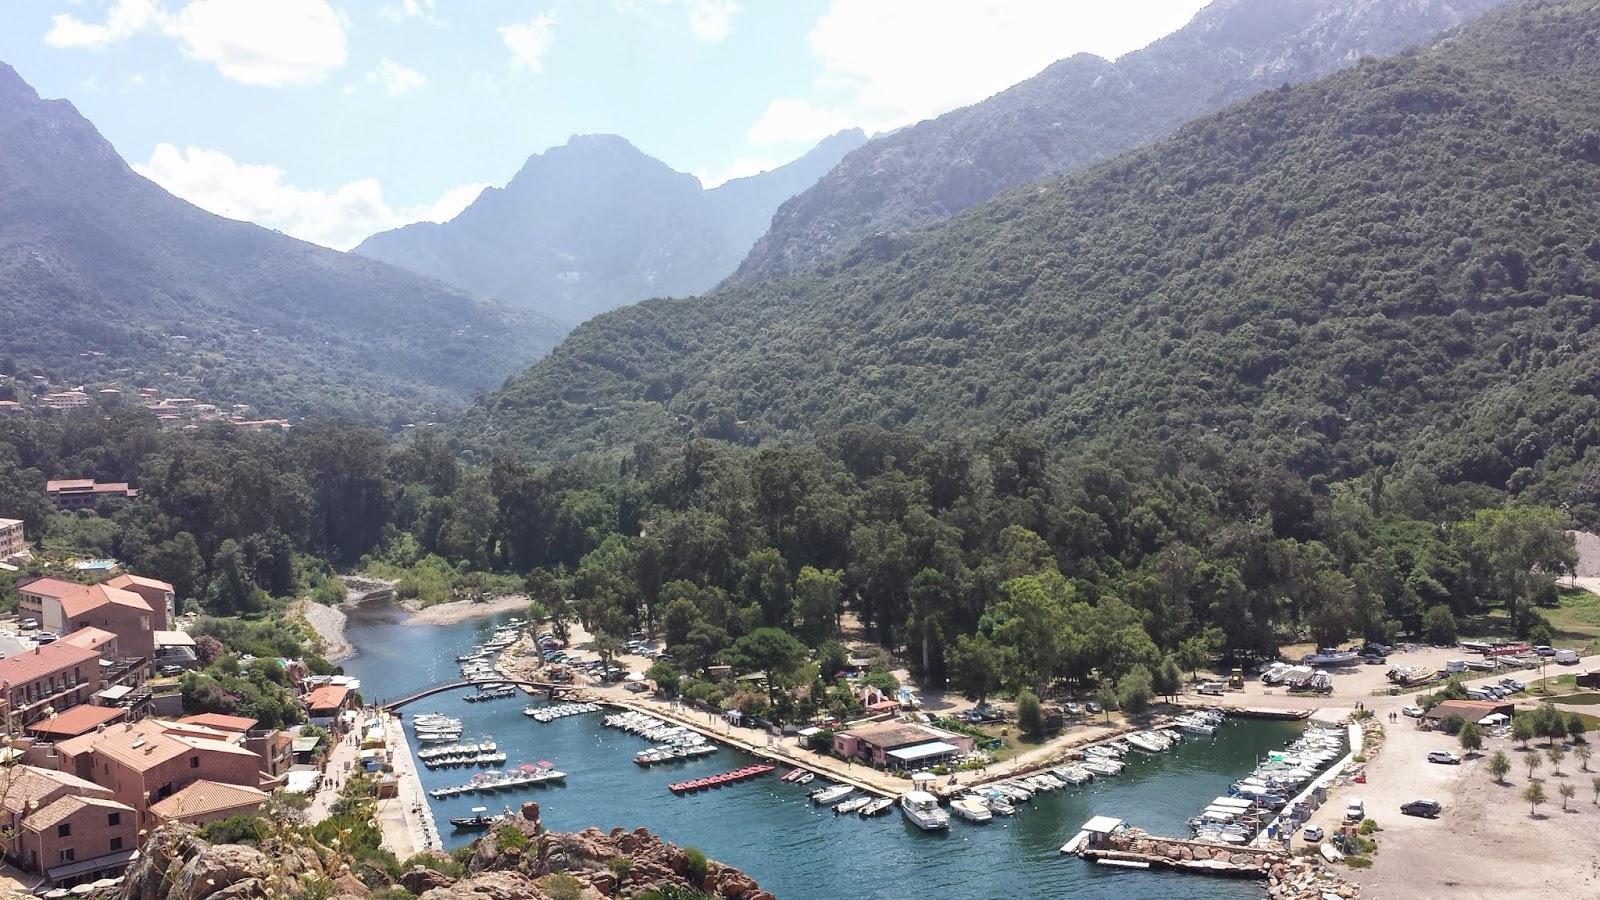 Marina de Porto - Corse